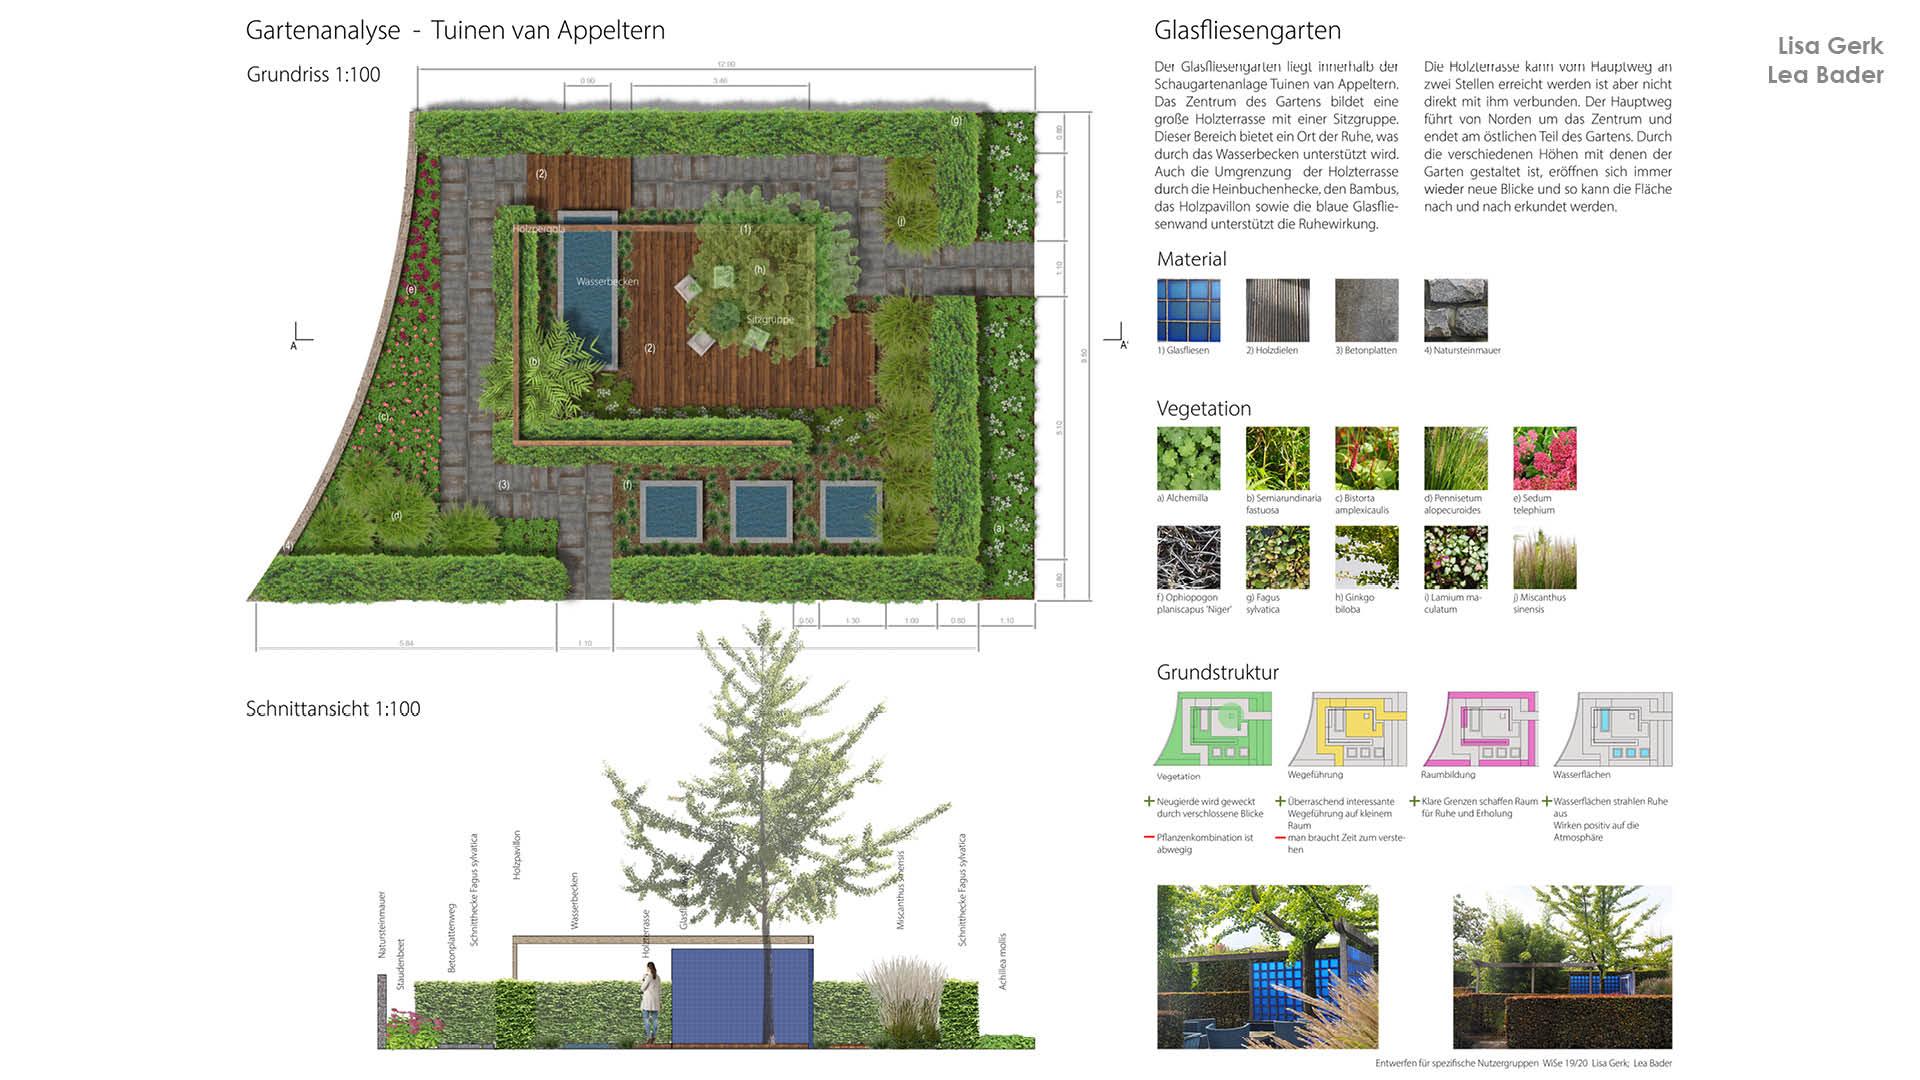 De Tuinen Van Appeltern9